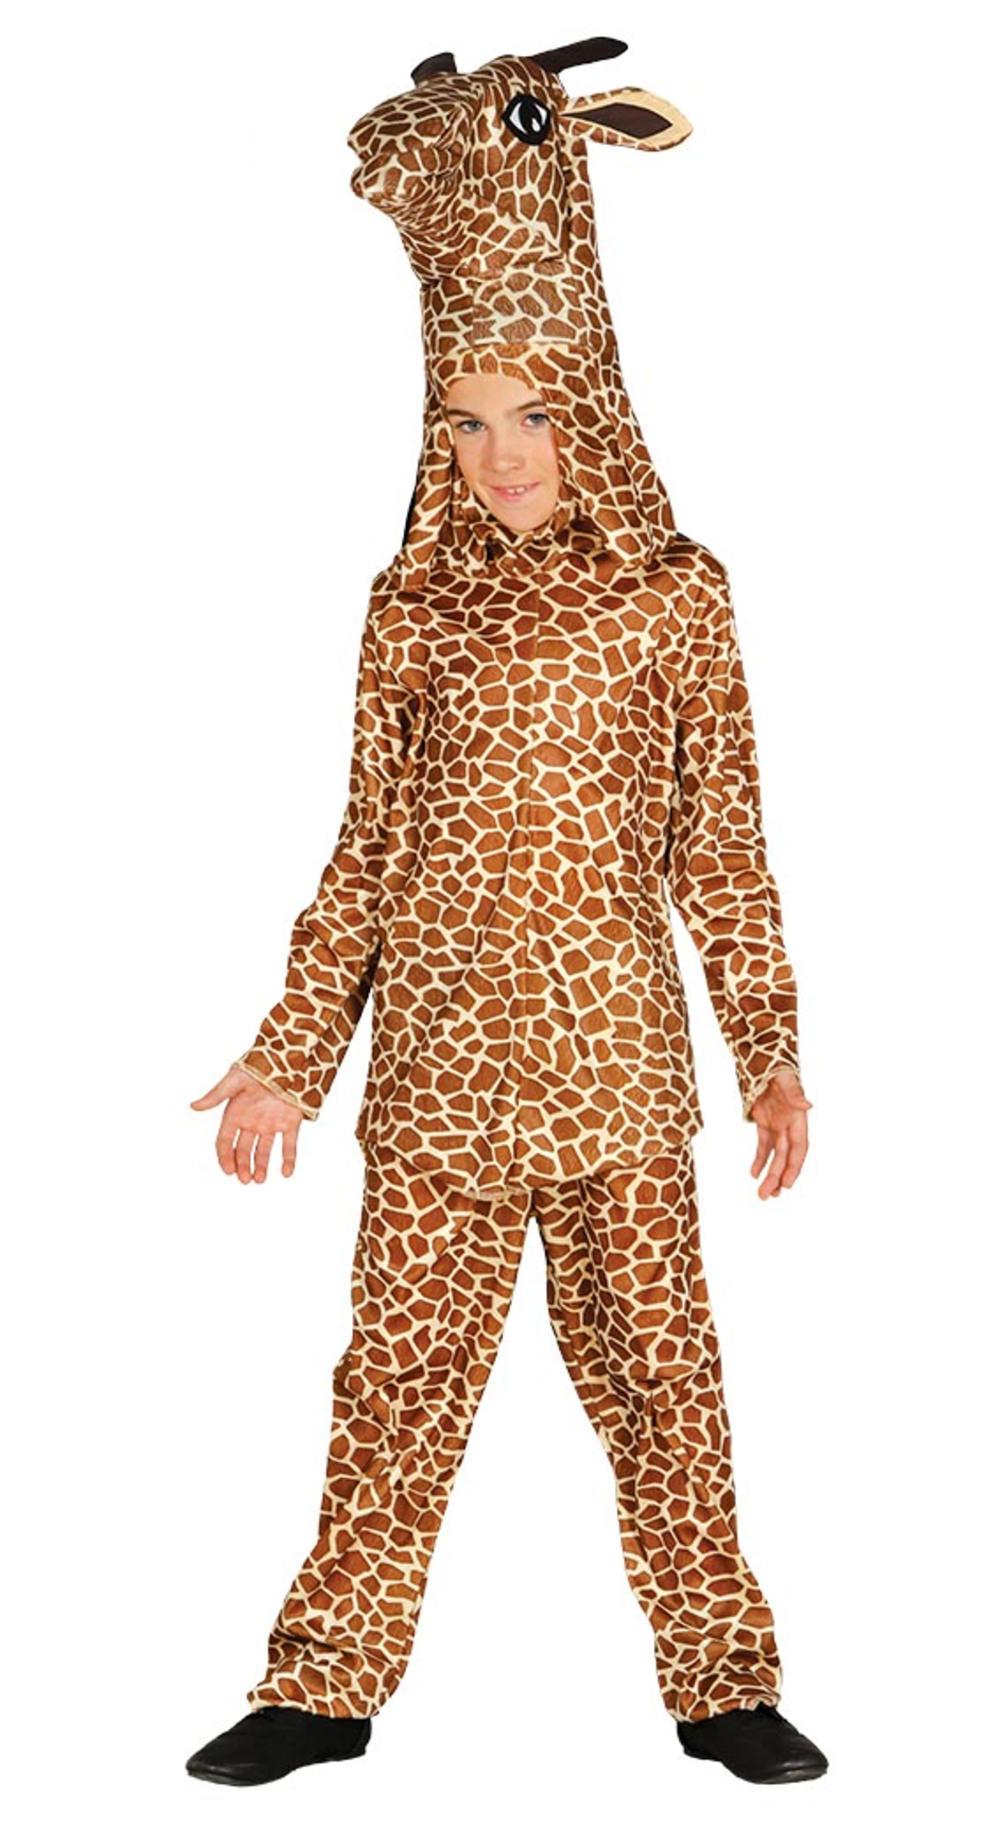 Giraffe Kids Fancy Dress Safari Zoo Animal Boys Girls World Book Day Costume